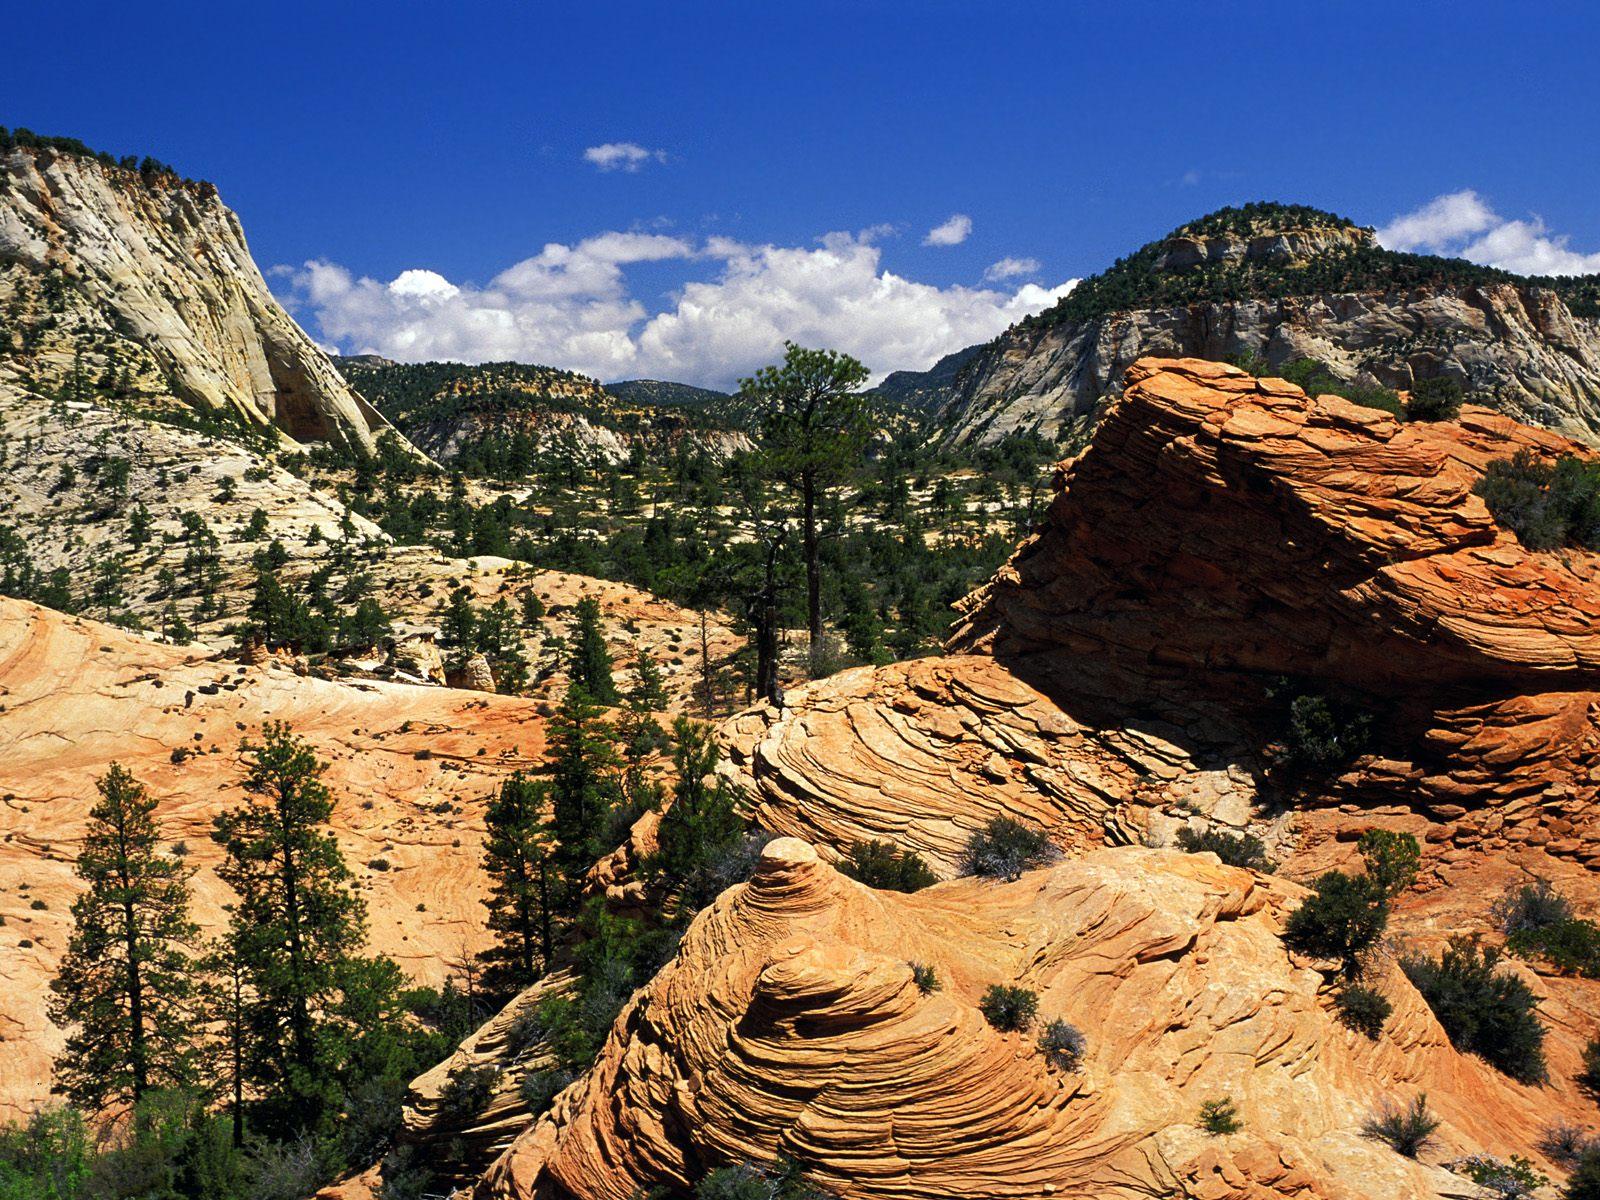 Zion national park wallpaper Wallpaper Wide HD 1600x1200